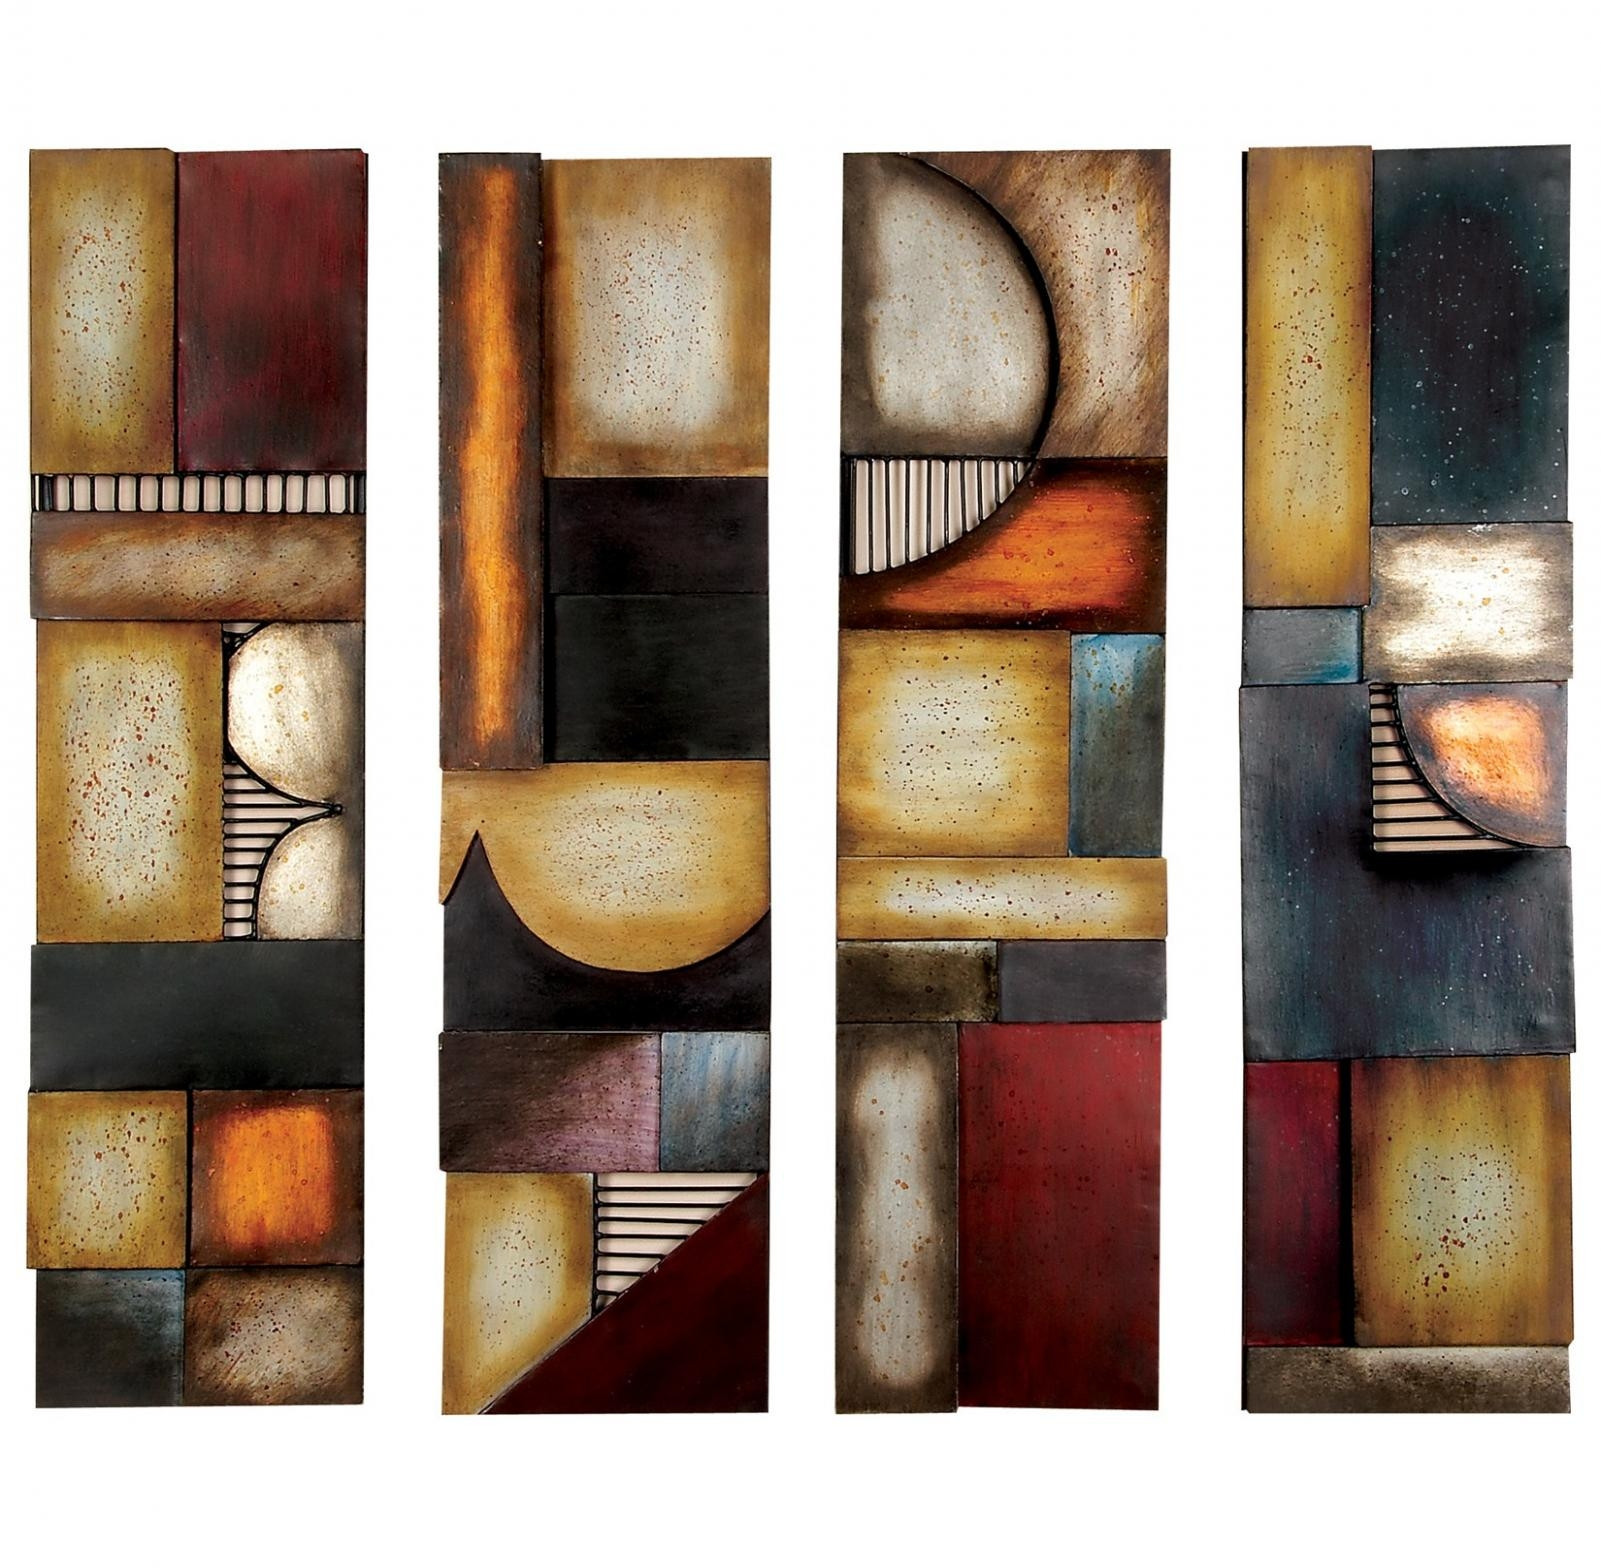 Best ideas about Wayfair Wall Art . Save or Pin 20 of Wayfair Wall Art Now.